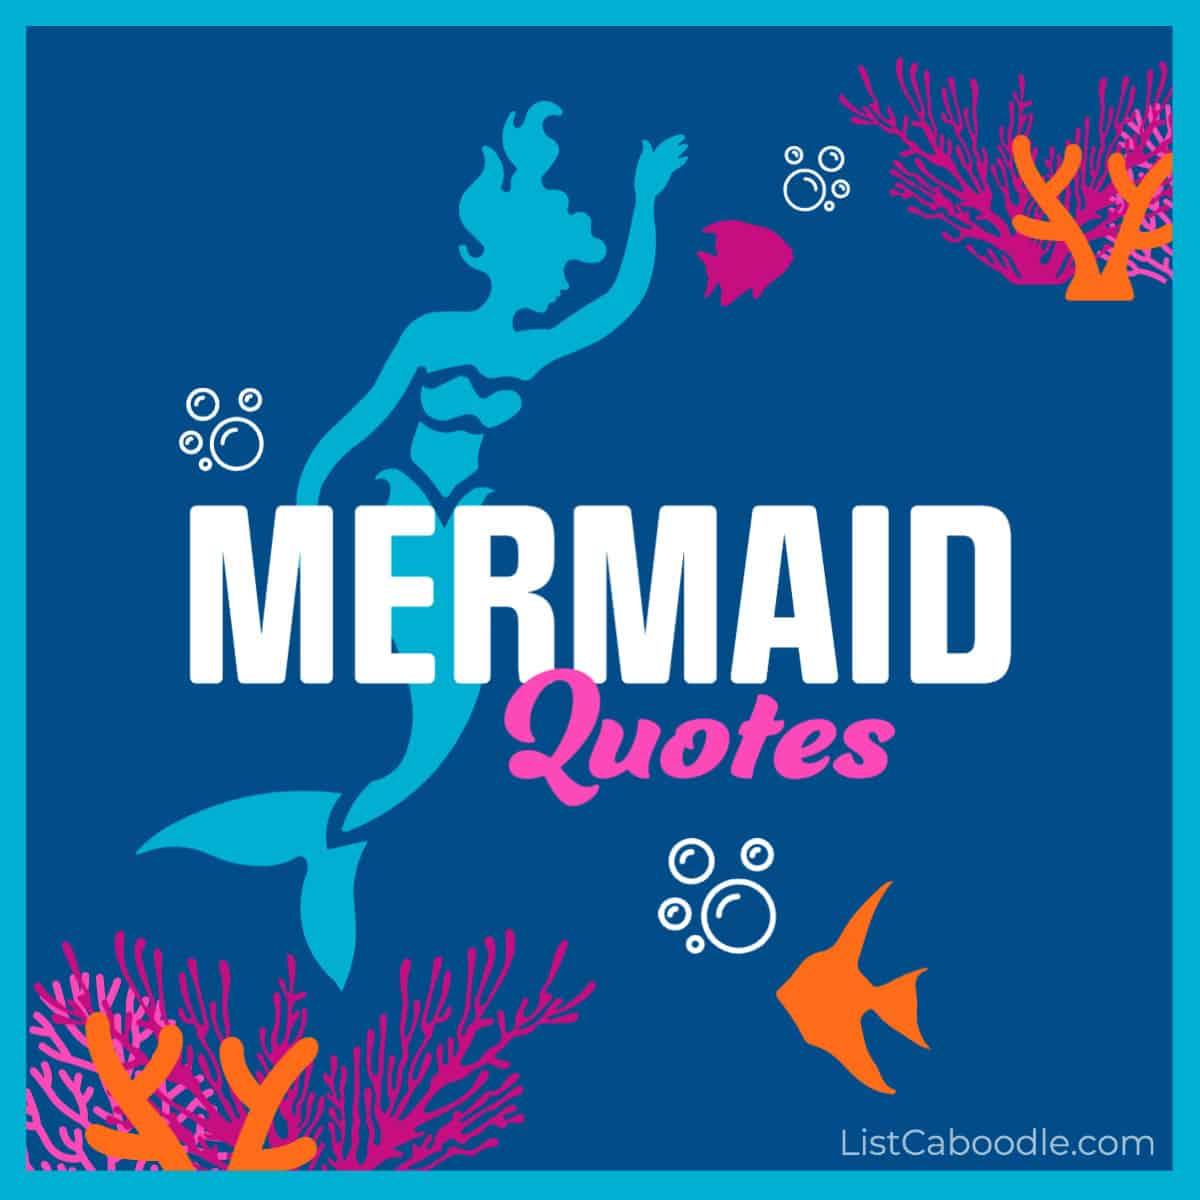 mermaid quotes image